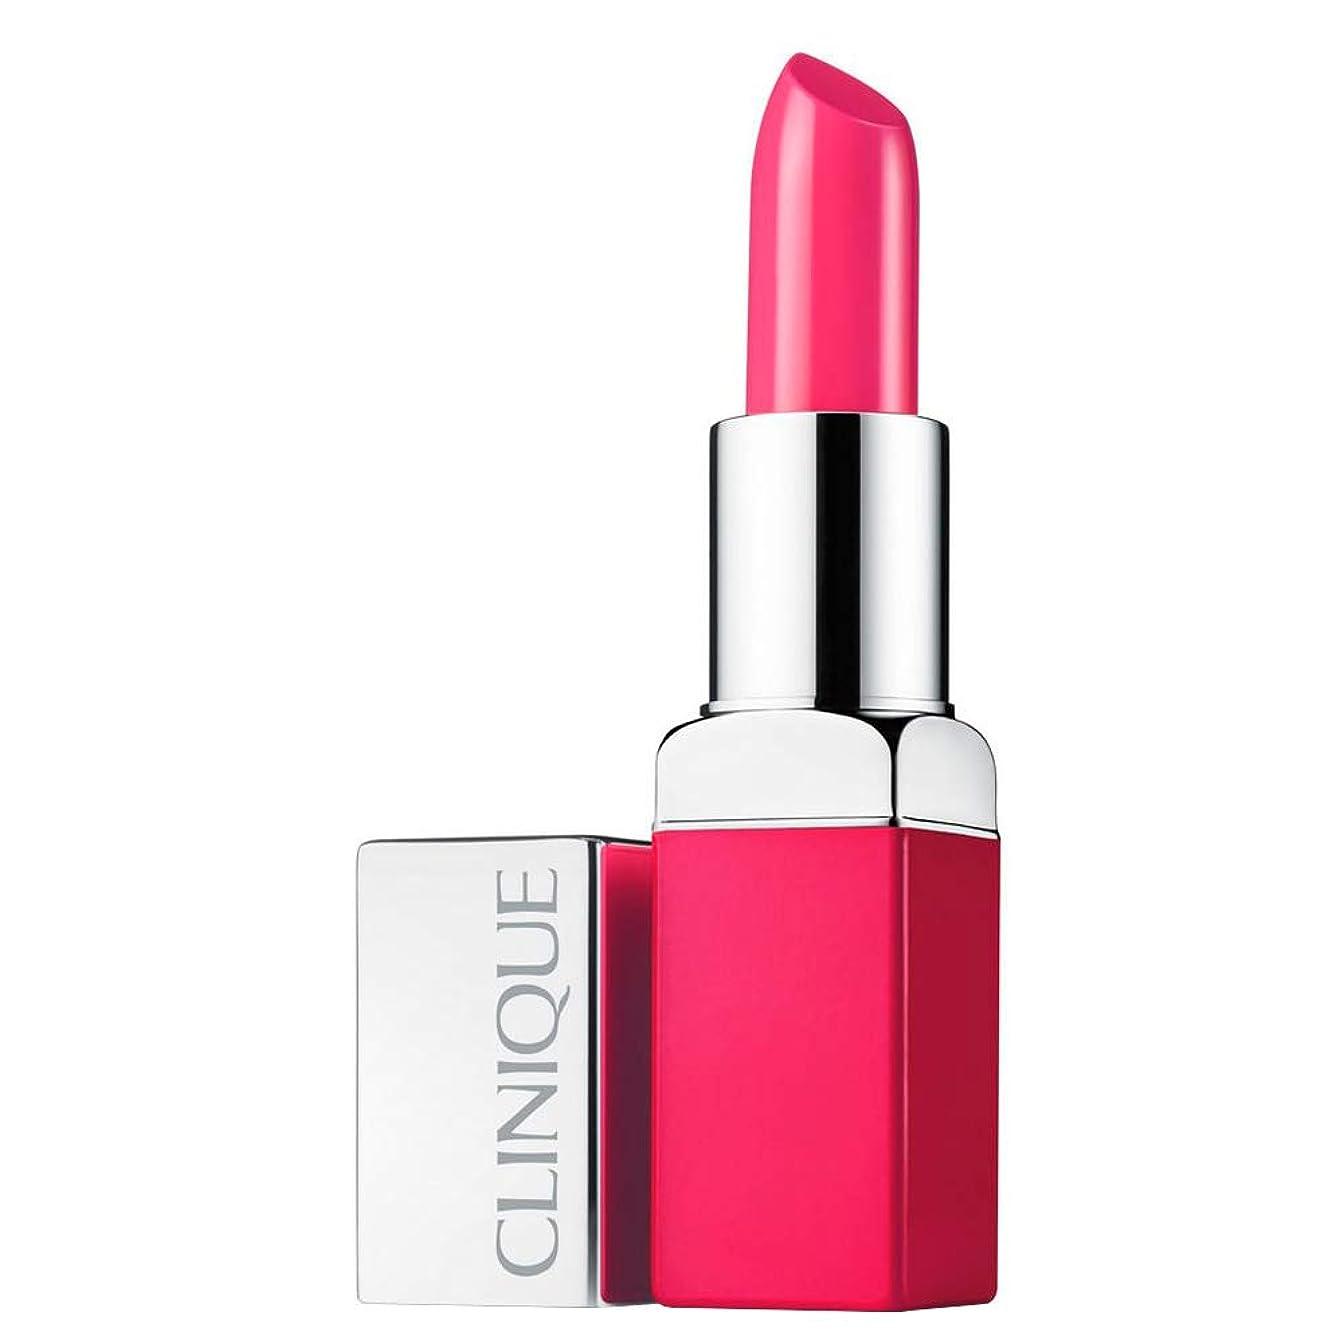 崖不正直観光に行くクリニーク Clinique Pop Lip Colour + Primer - # 22 Kiss Pop 3.9g/0.13oz並行輸入品